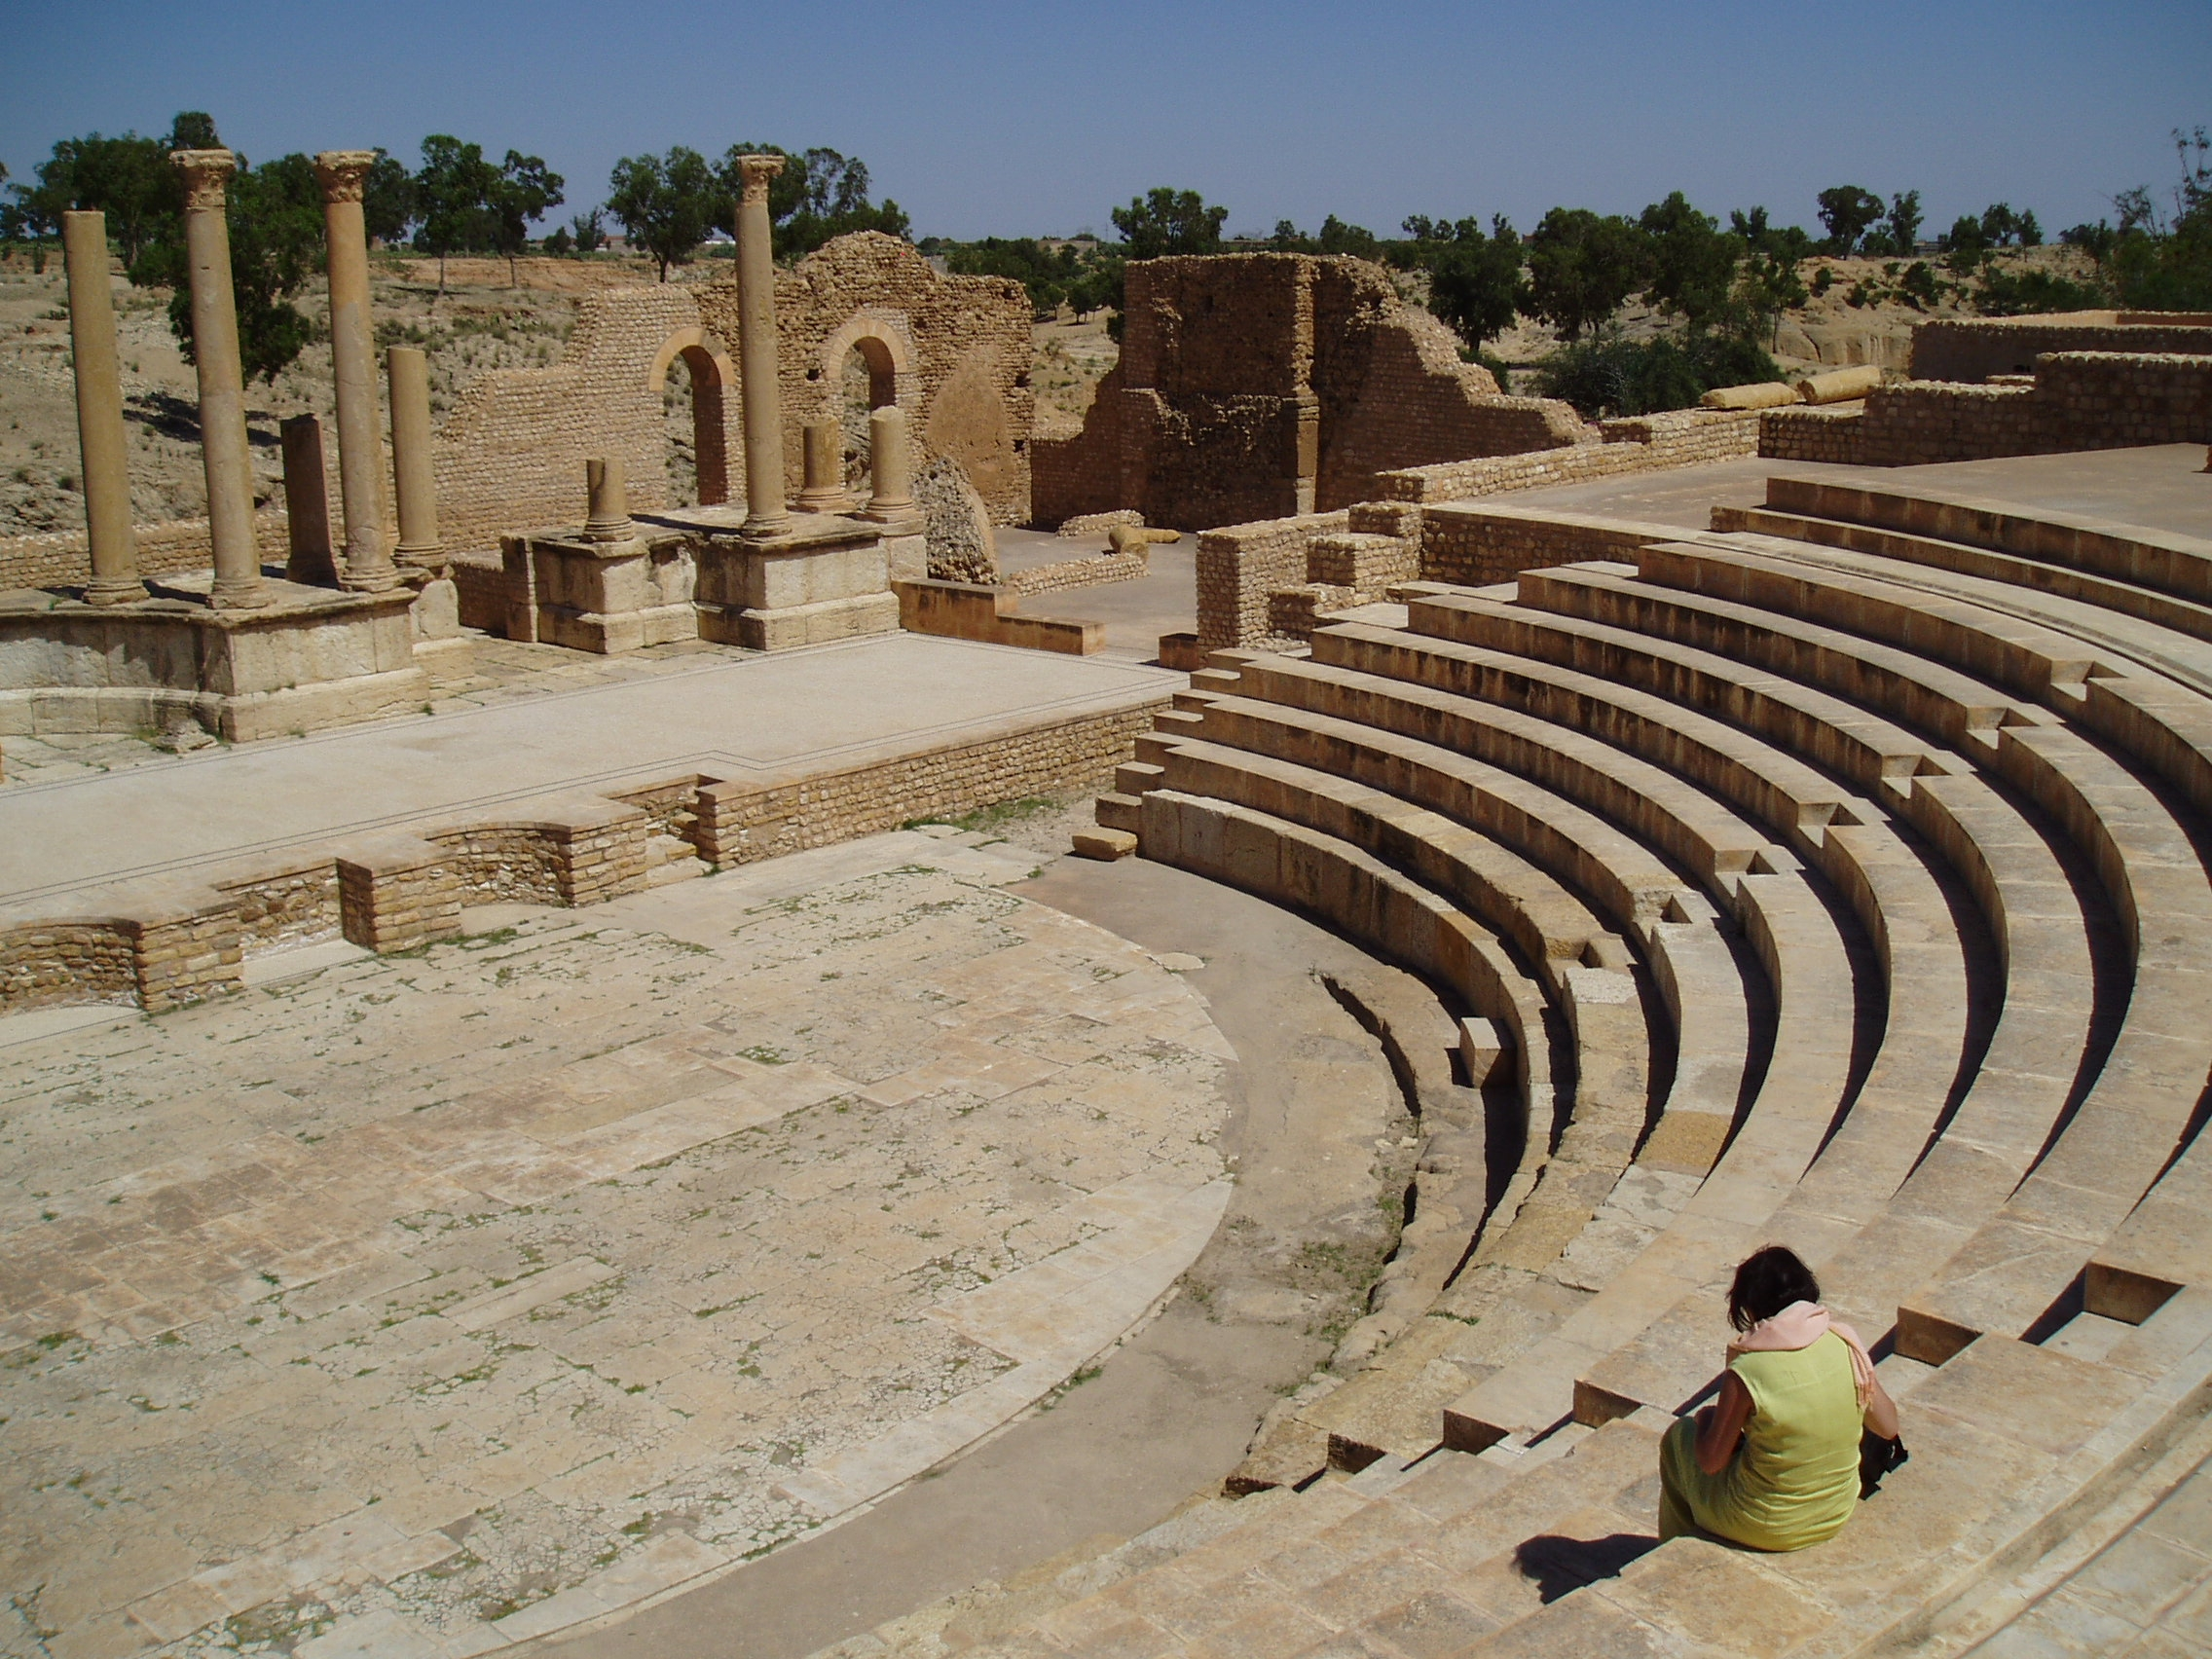 ربيع تونس'' في المسرح الأثري بقرطاج